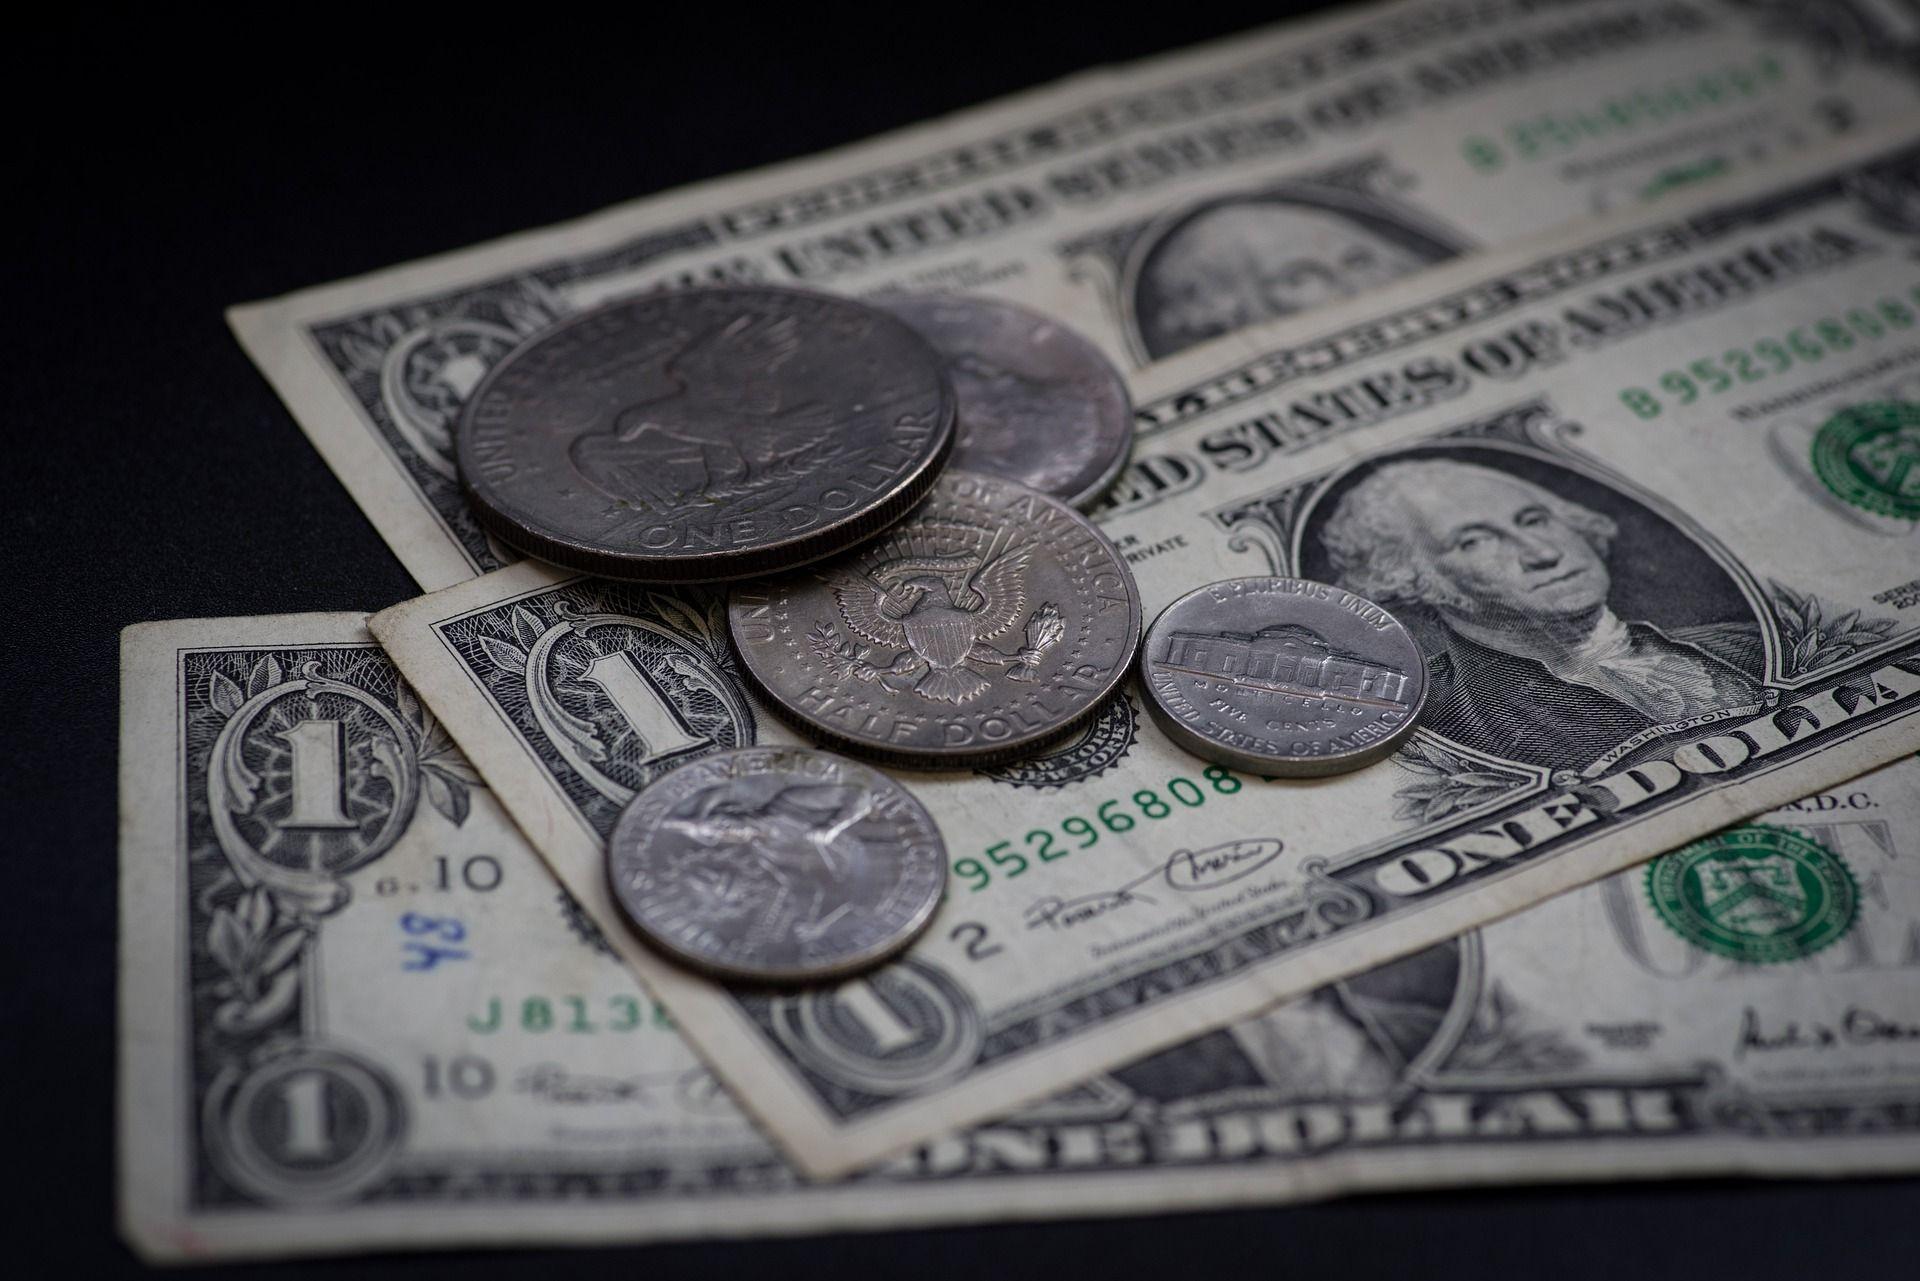 dolar: la duda esta sobre la politica fiscal que viene